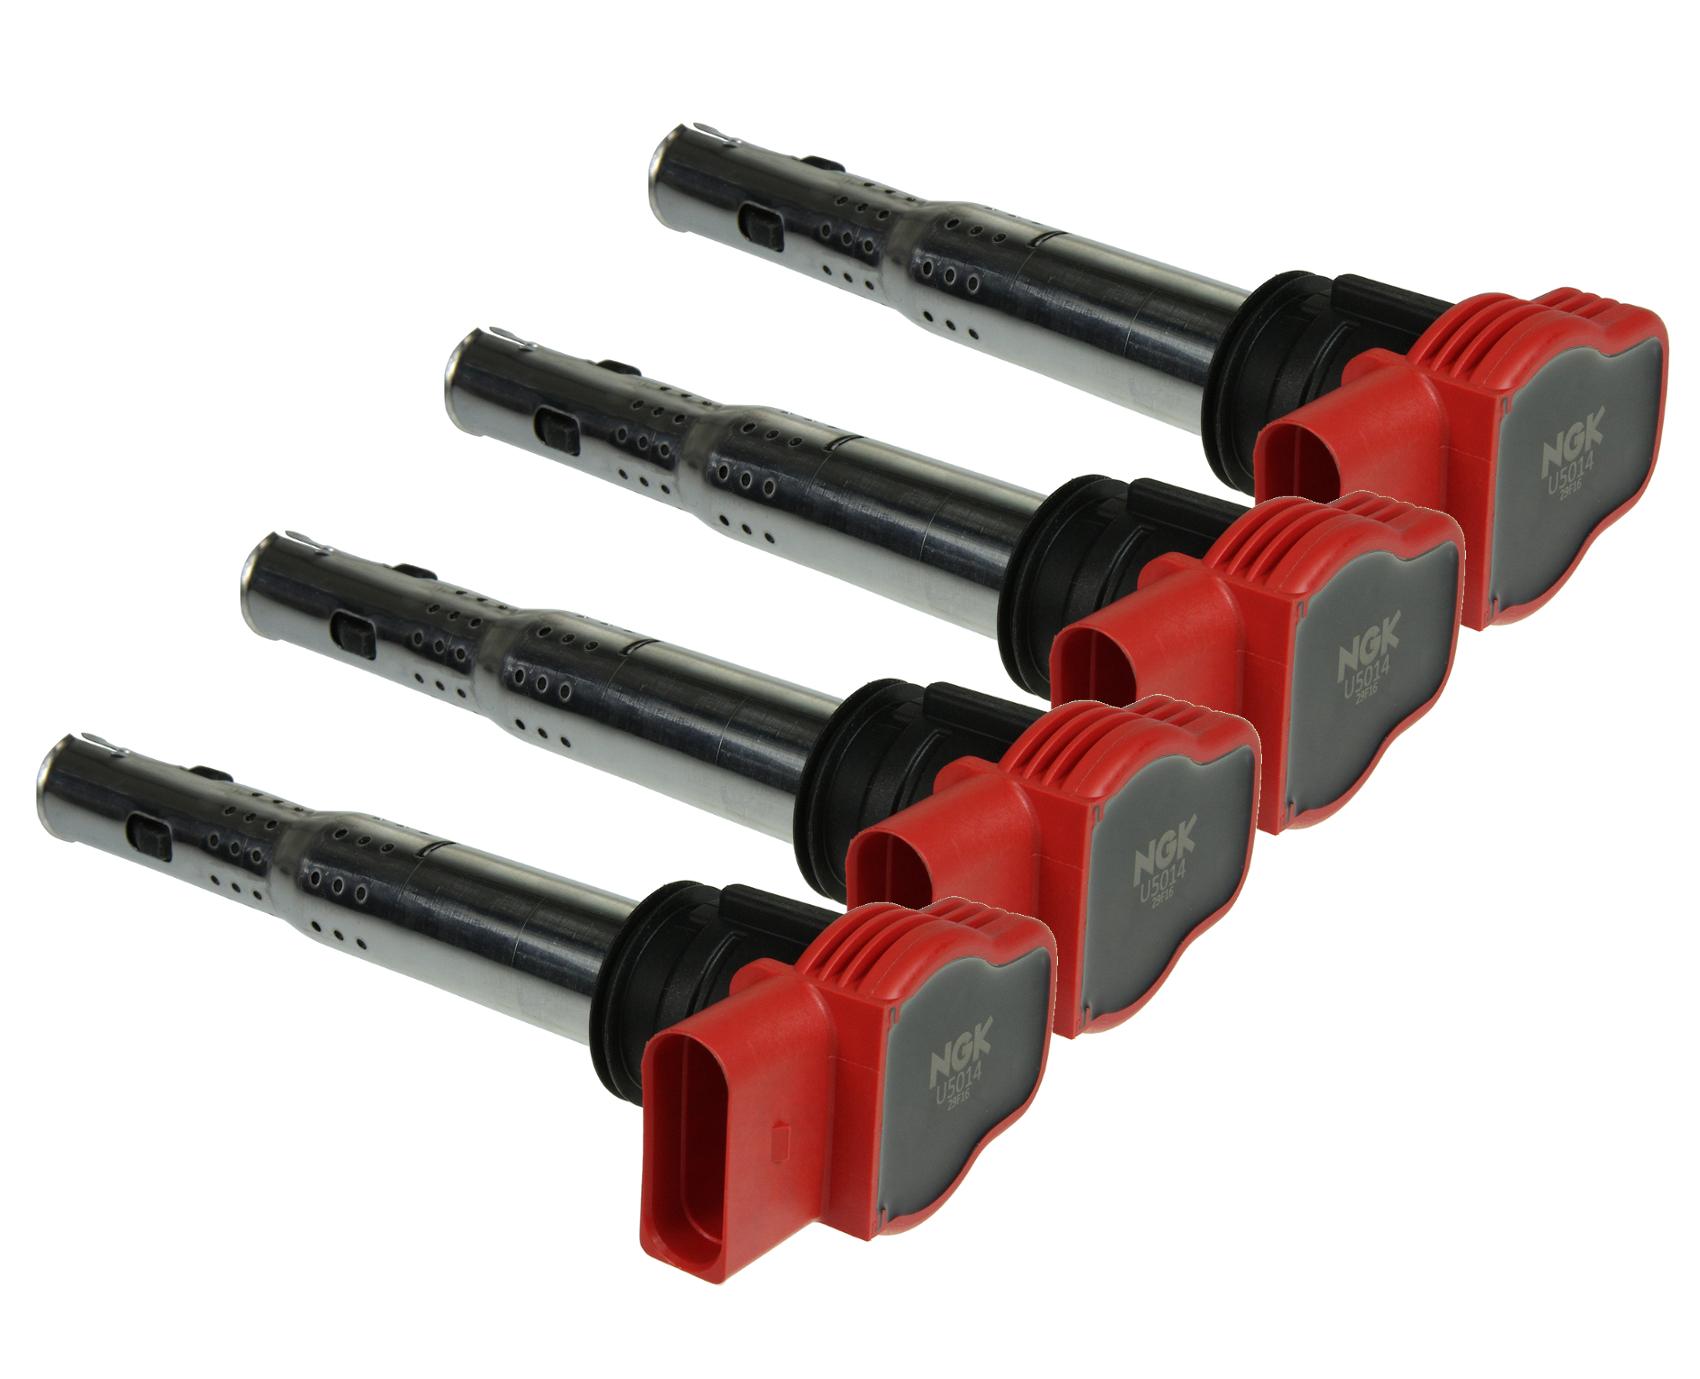 4x NGK AUDI R8 Red Coil Pack Set 2 0TFSI/2 0TSI 06E905115E | eBay